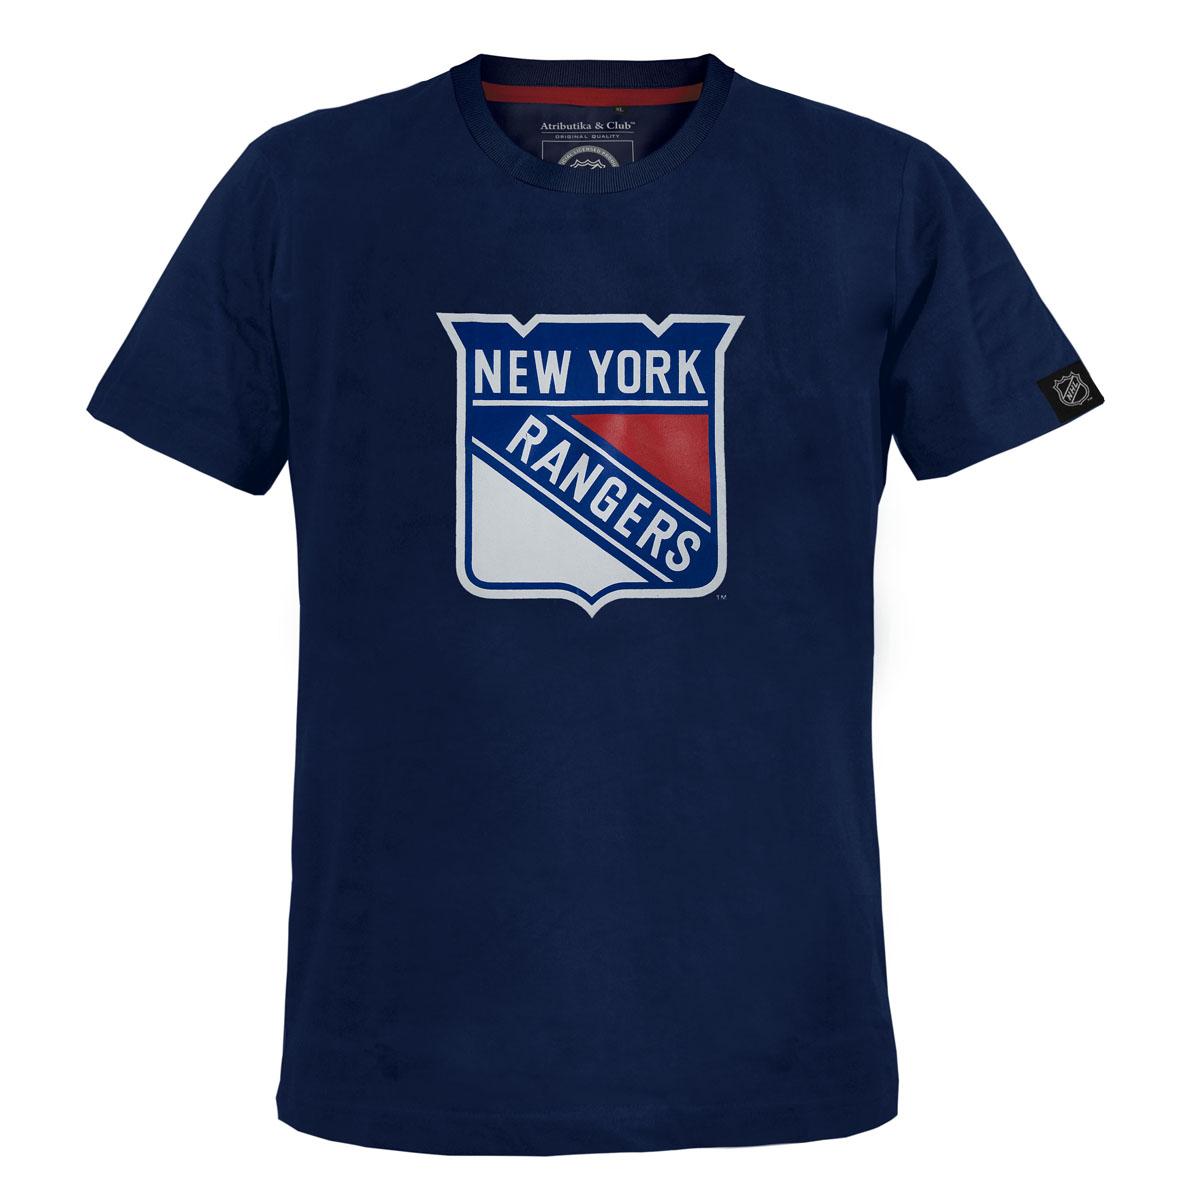 Футболка мужская NHL New York Rangers, цвет: темно-синий. 29290. Размер XS (44)29290Мужская футболка NHL New York Rangers, выполненная из натурального хлопка, порадует любого поклонника знаменитого хоккейного клуба. Материал очень мягкий и приятный на ощупь, не сковывает движения ипозволяет коже дышать. Футболка с короткими рукавами имеет круглый вырез горловины, дополненный трикотажной резинкой.Изделие оформлено термоаппликацией в виде эмблемы хоккейного клуба New York Rangers, а также украшенонебольшой текстильной нашивкой.Такая модель отлично подойдет для повседневной носки и подарит вам комфорт в течение всего дня!